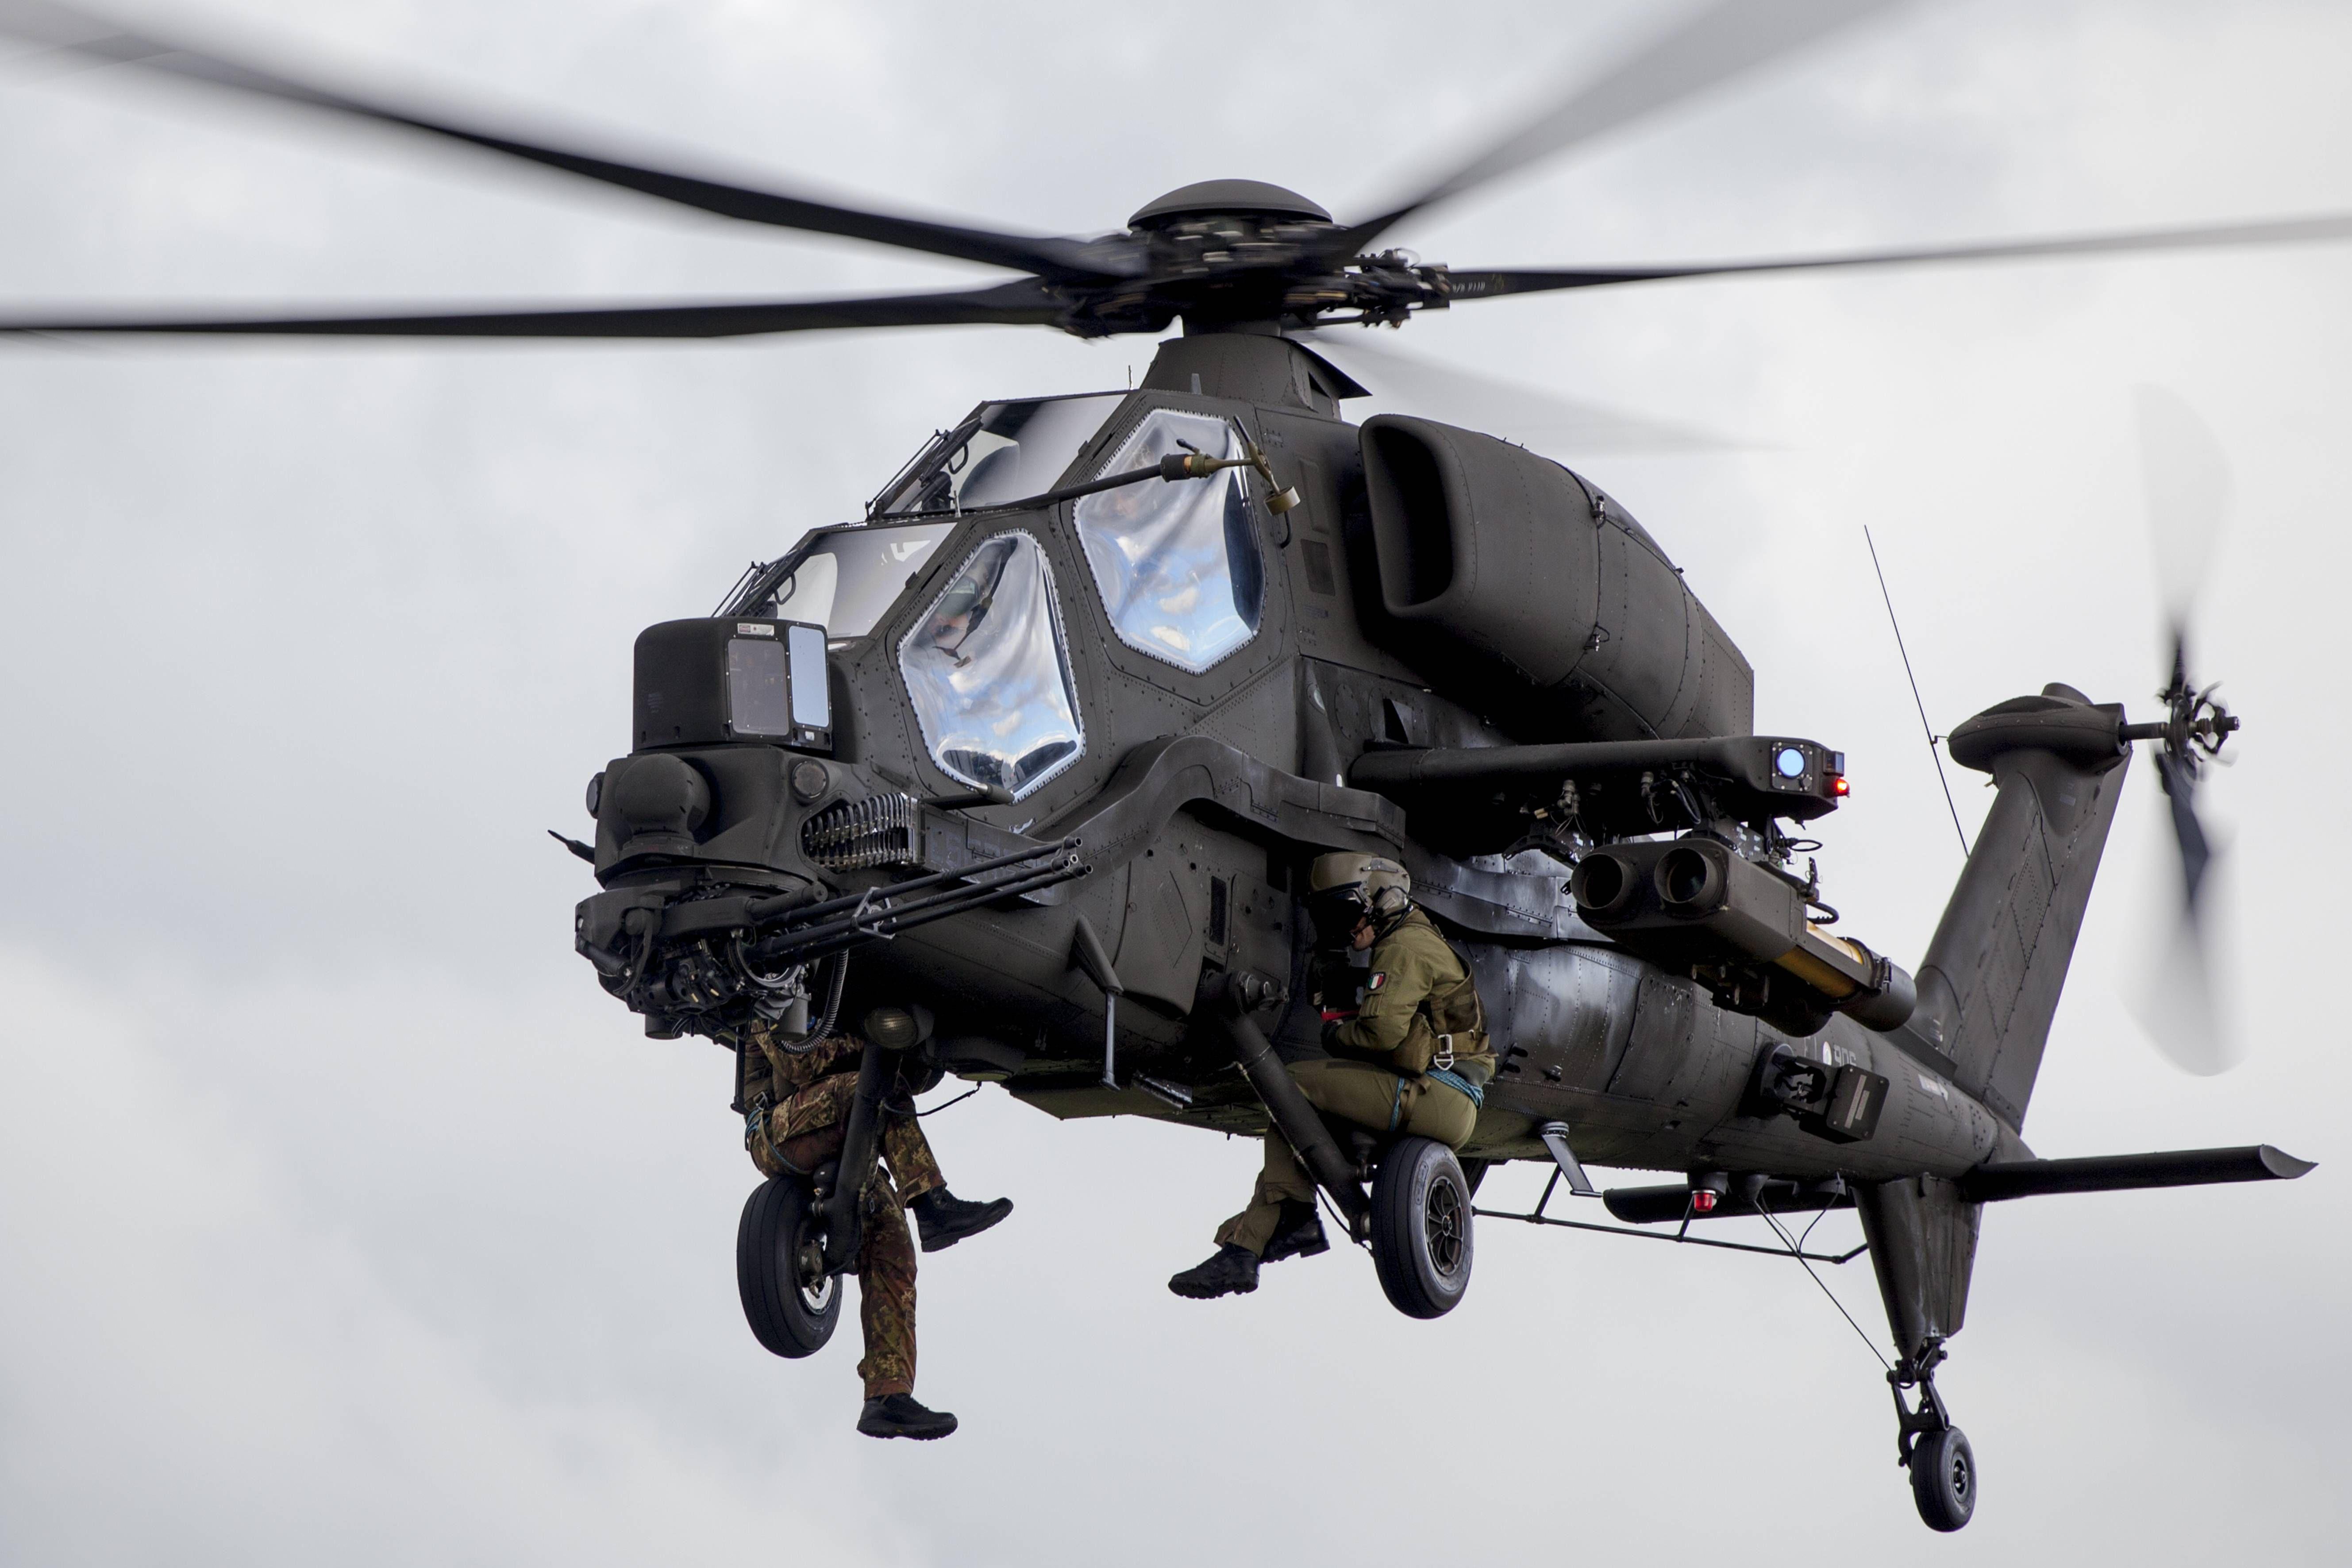 European Defense Agency (EDA) Green Blade/Pegasus Exercise September 18 - October 5 2012 Belgium. (5315x3543)